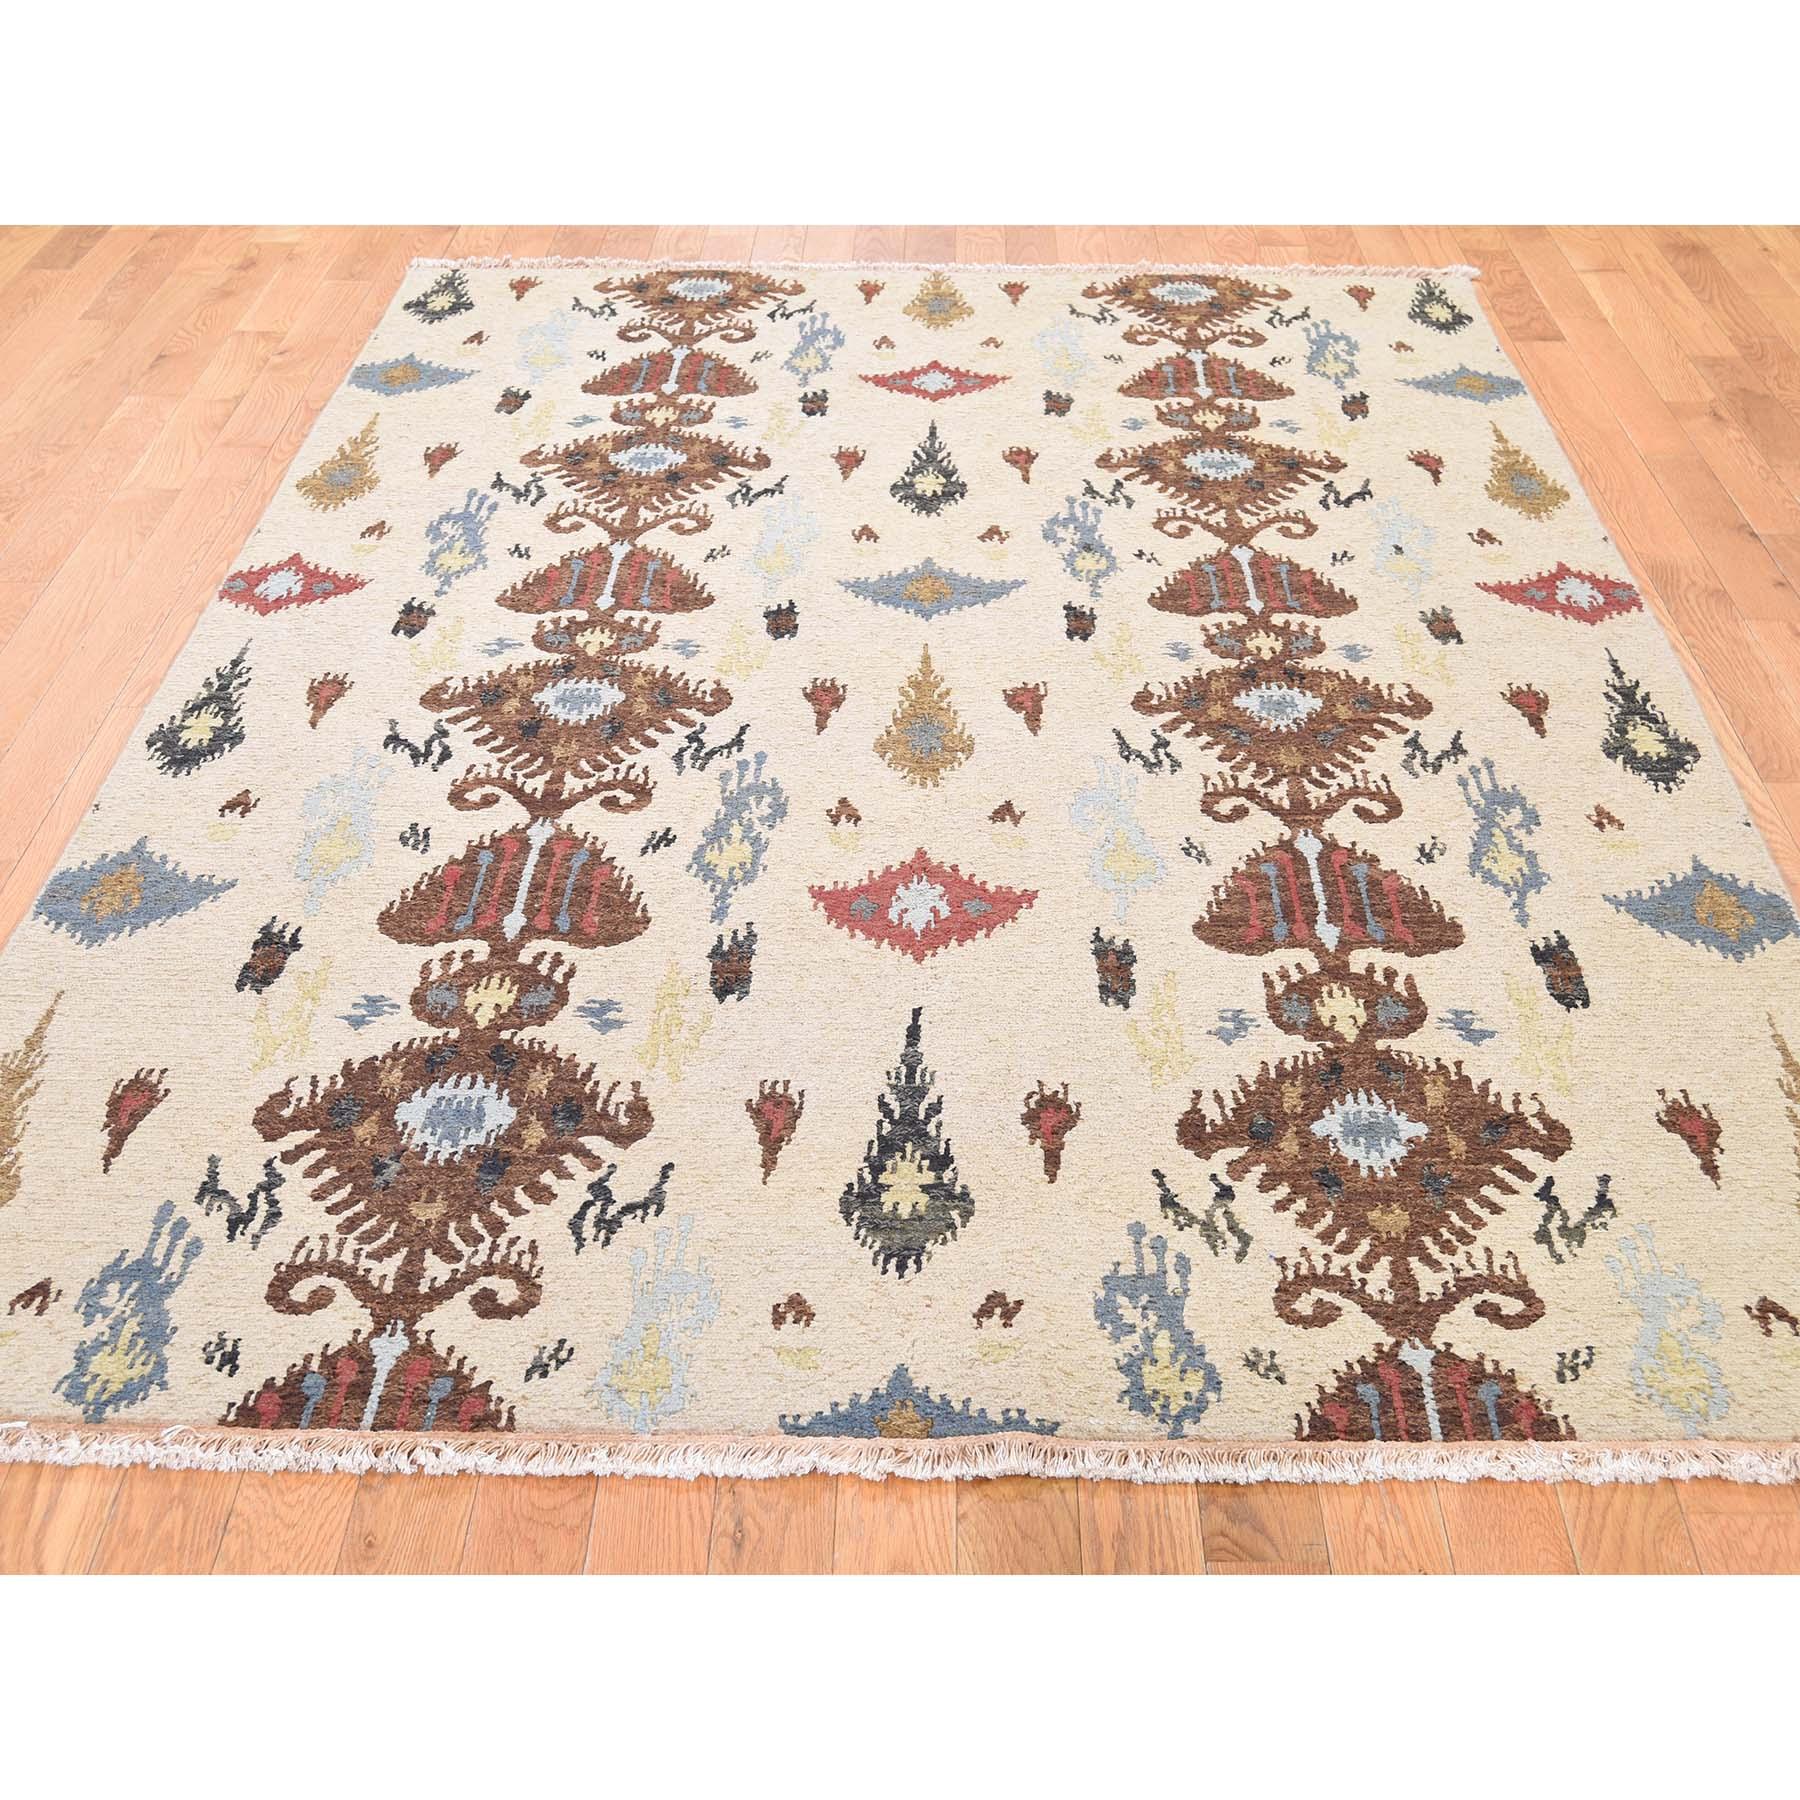 5-6 x8-3  Pure Wool Flat Weave Soumak Ikat Design Hand Woven Oriental Rug